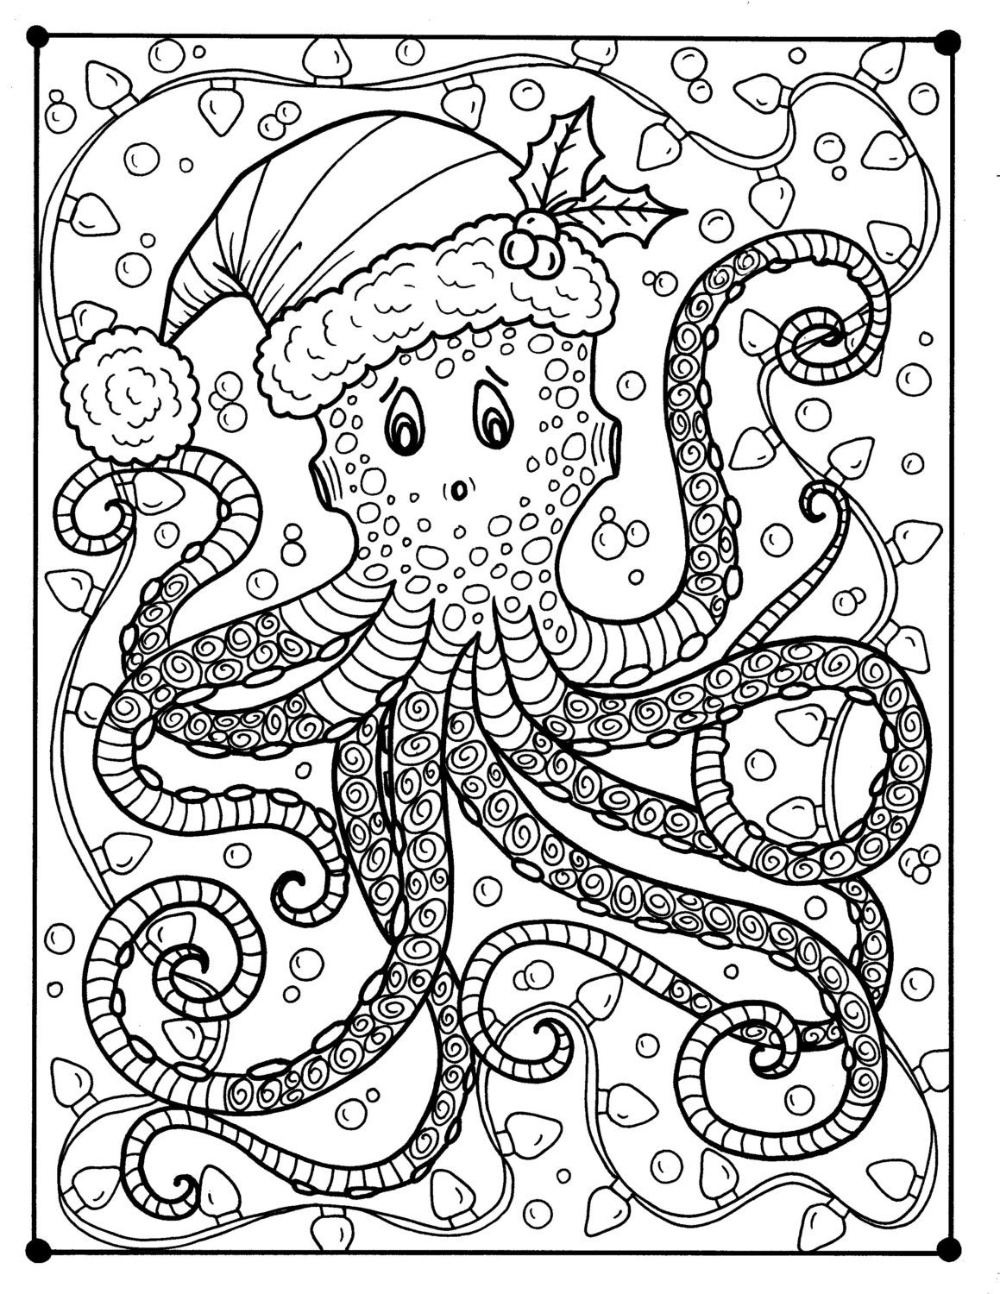 octopus kerst kleuren pagina volwassen kleur vakantie